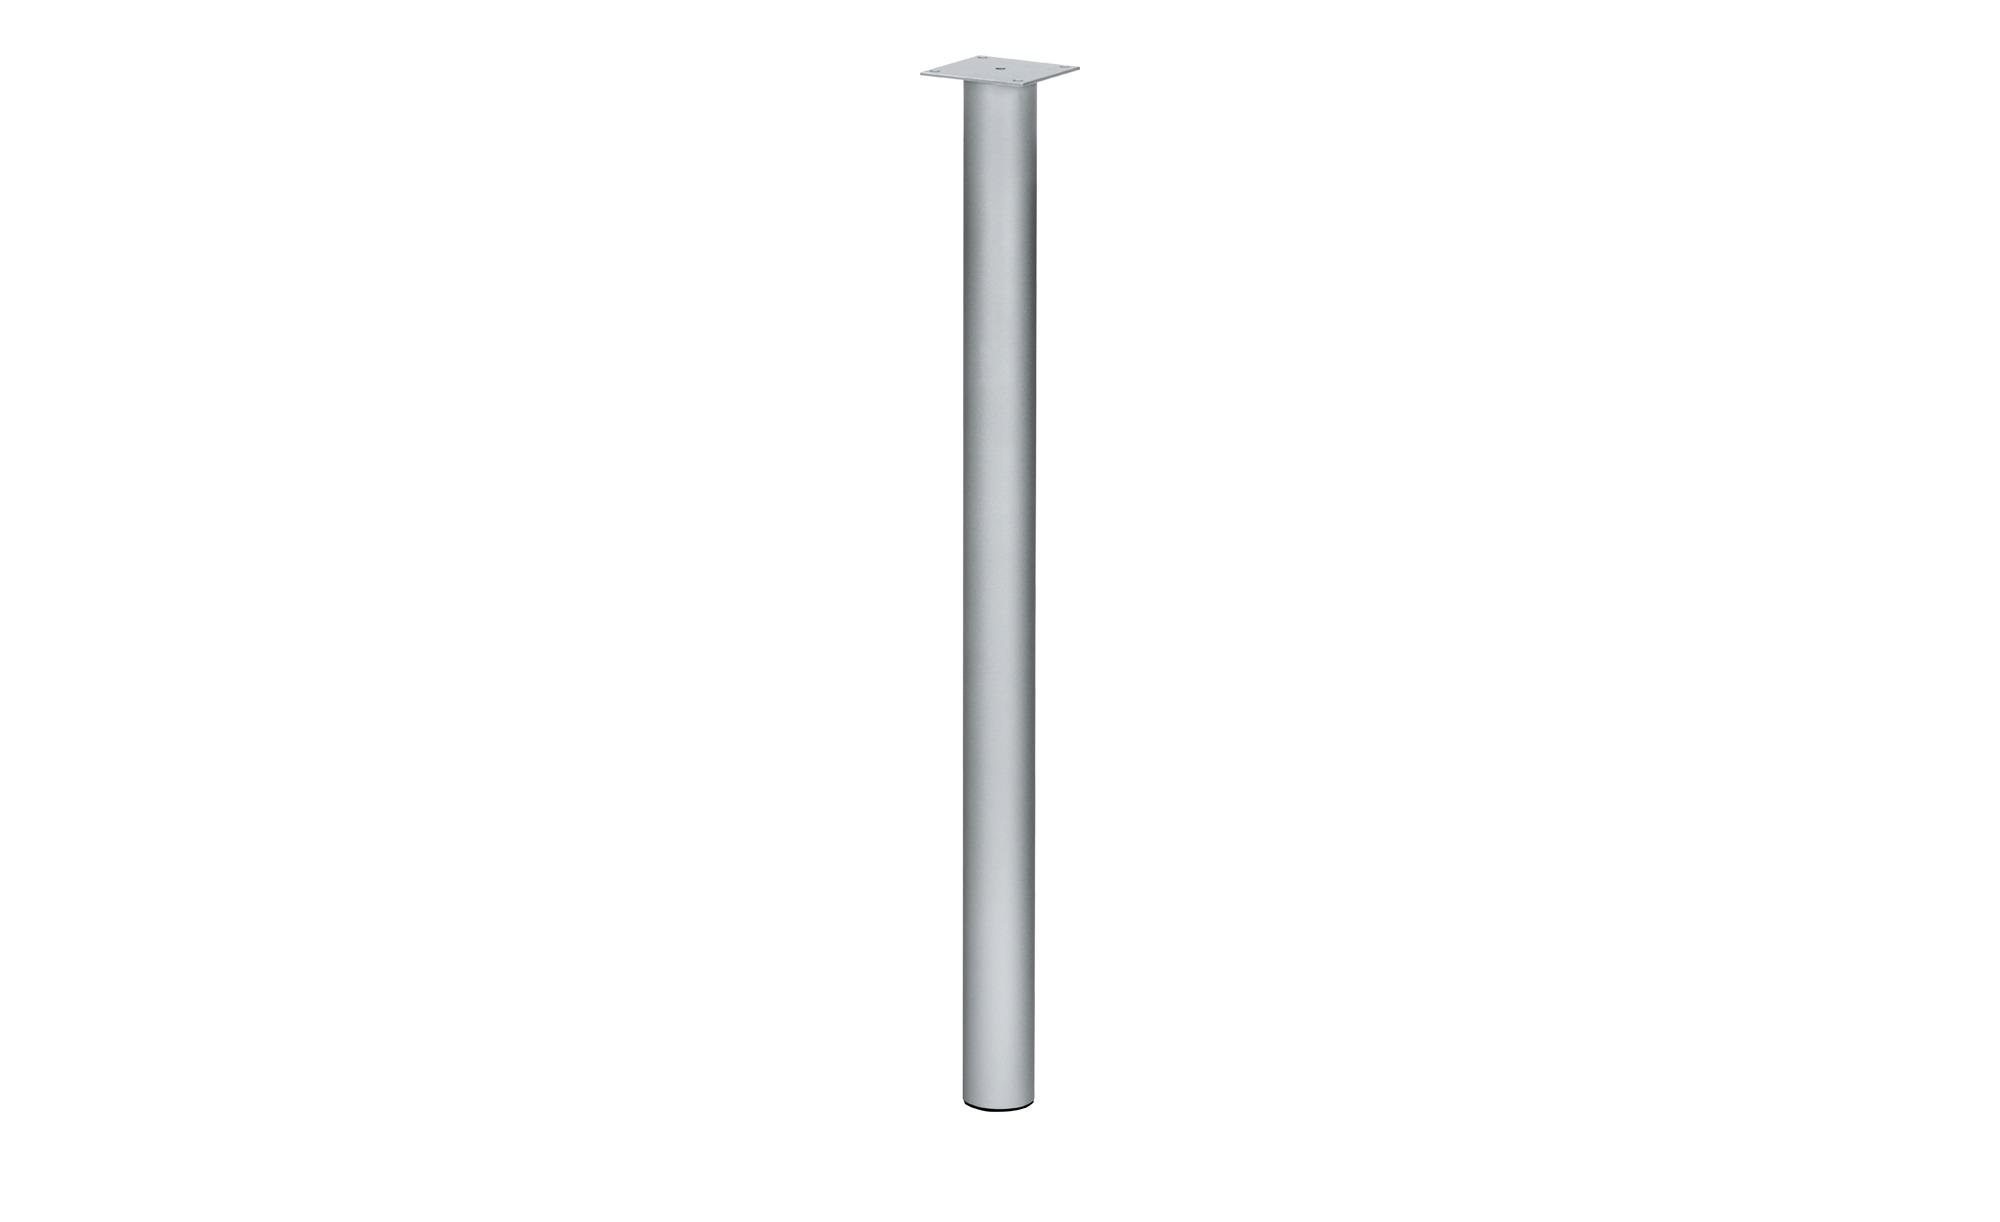 Stützfuß für Tischplatten  Success ¦ silber Tische > Tischbeine - Höffner | Wohnzimmer > Tische > Weitere Tische | Silber | Metall | Möbel Höffner DE